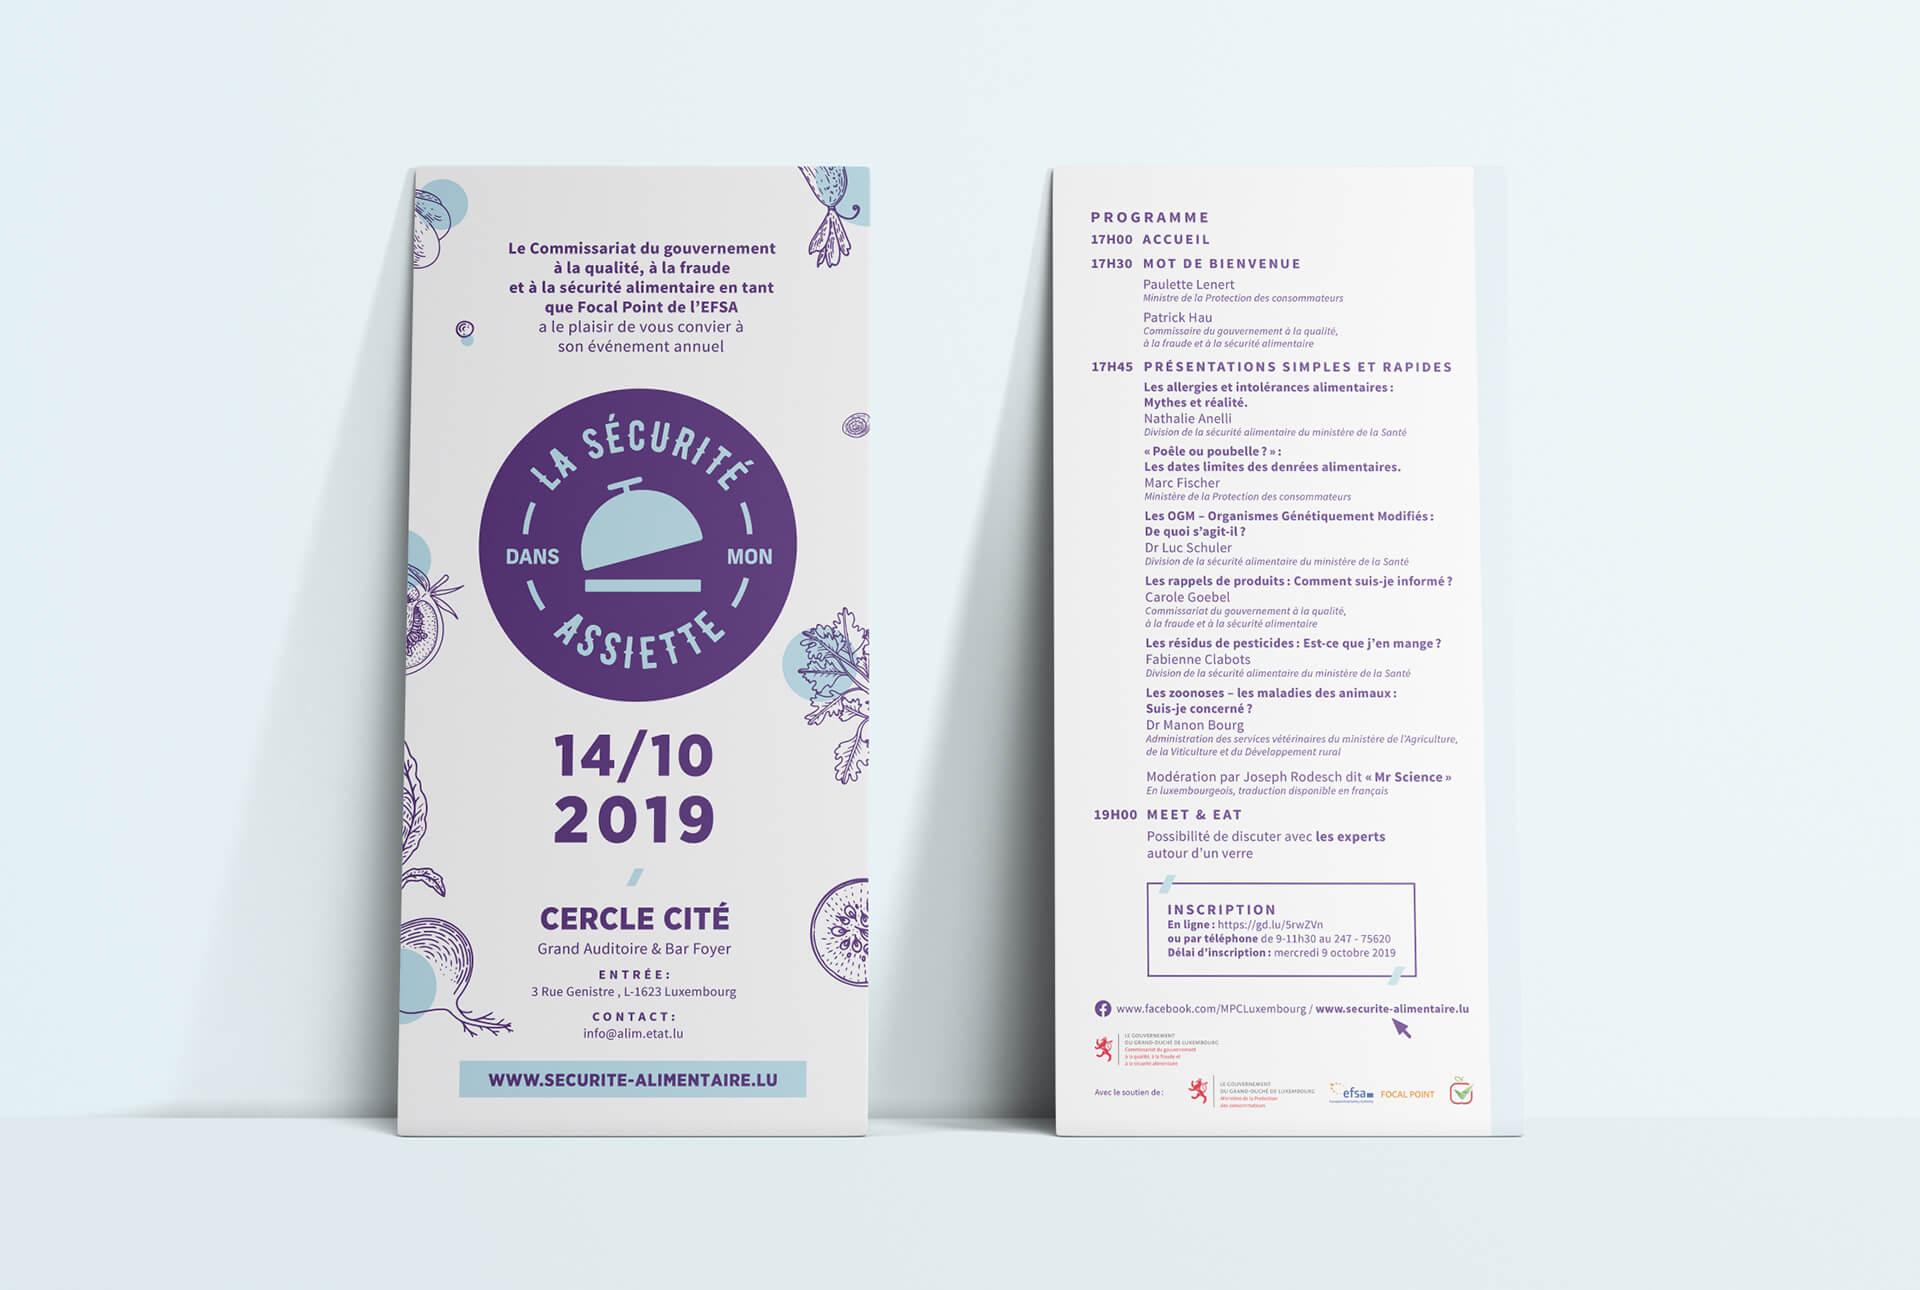 """programme de l'événement """"La sécurité dans mon assiette"""", un design signé Comed"""